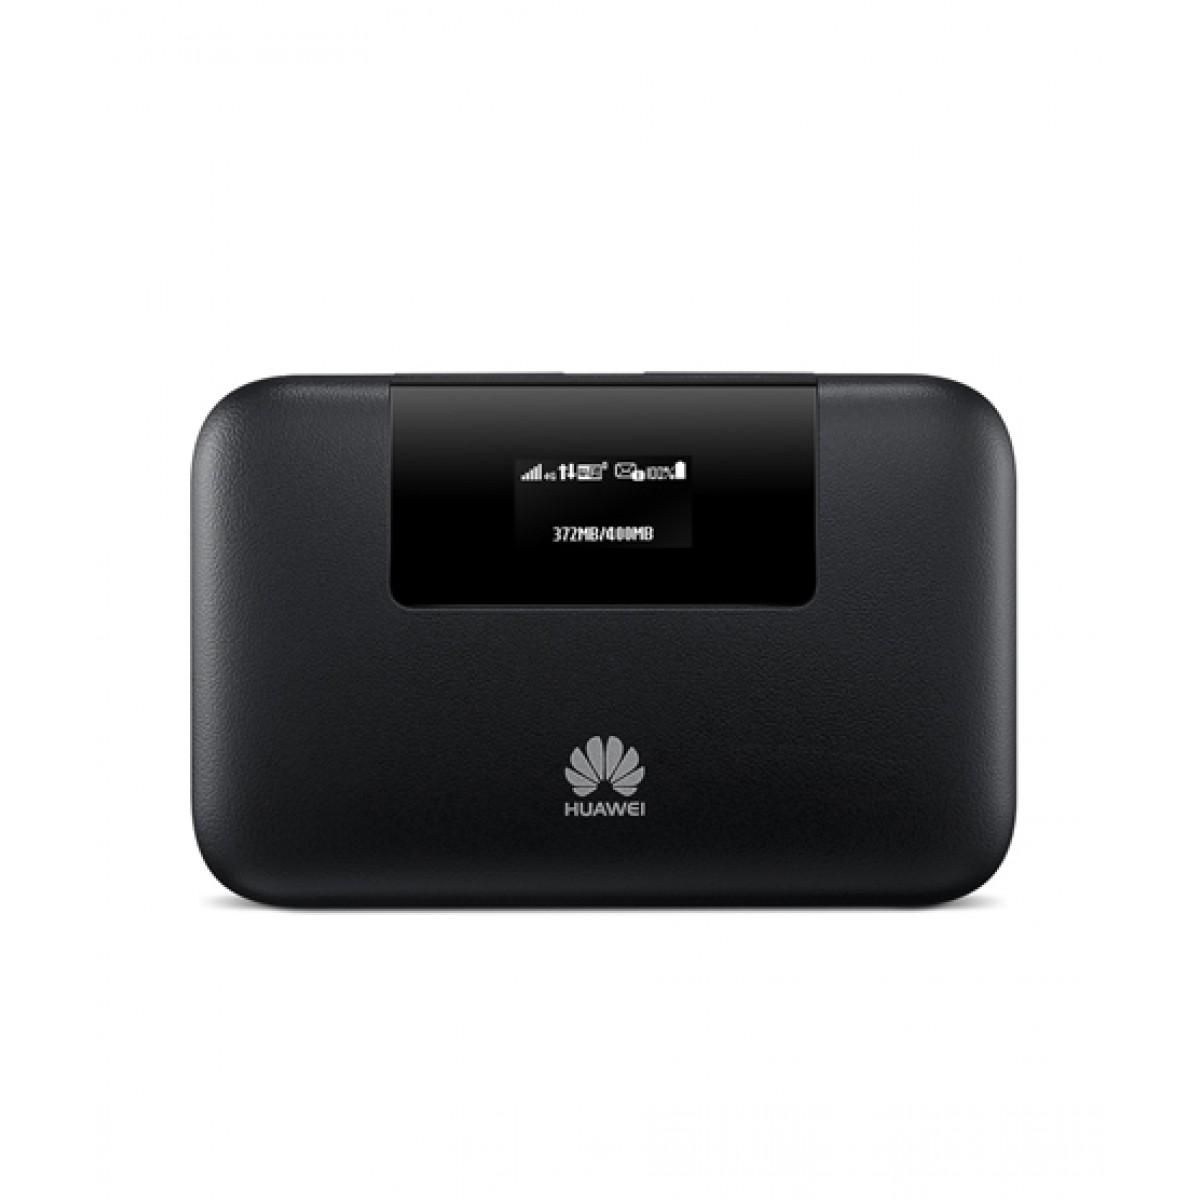 Huawei Mobile WiFi Pro (E5770)